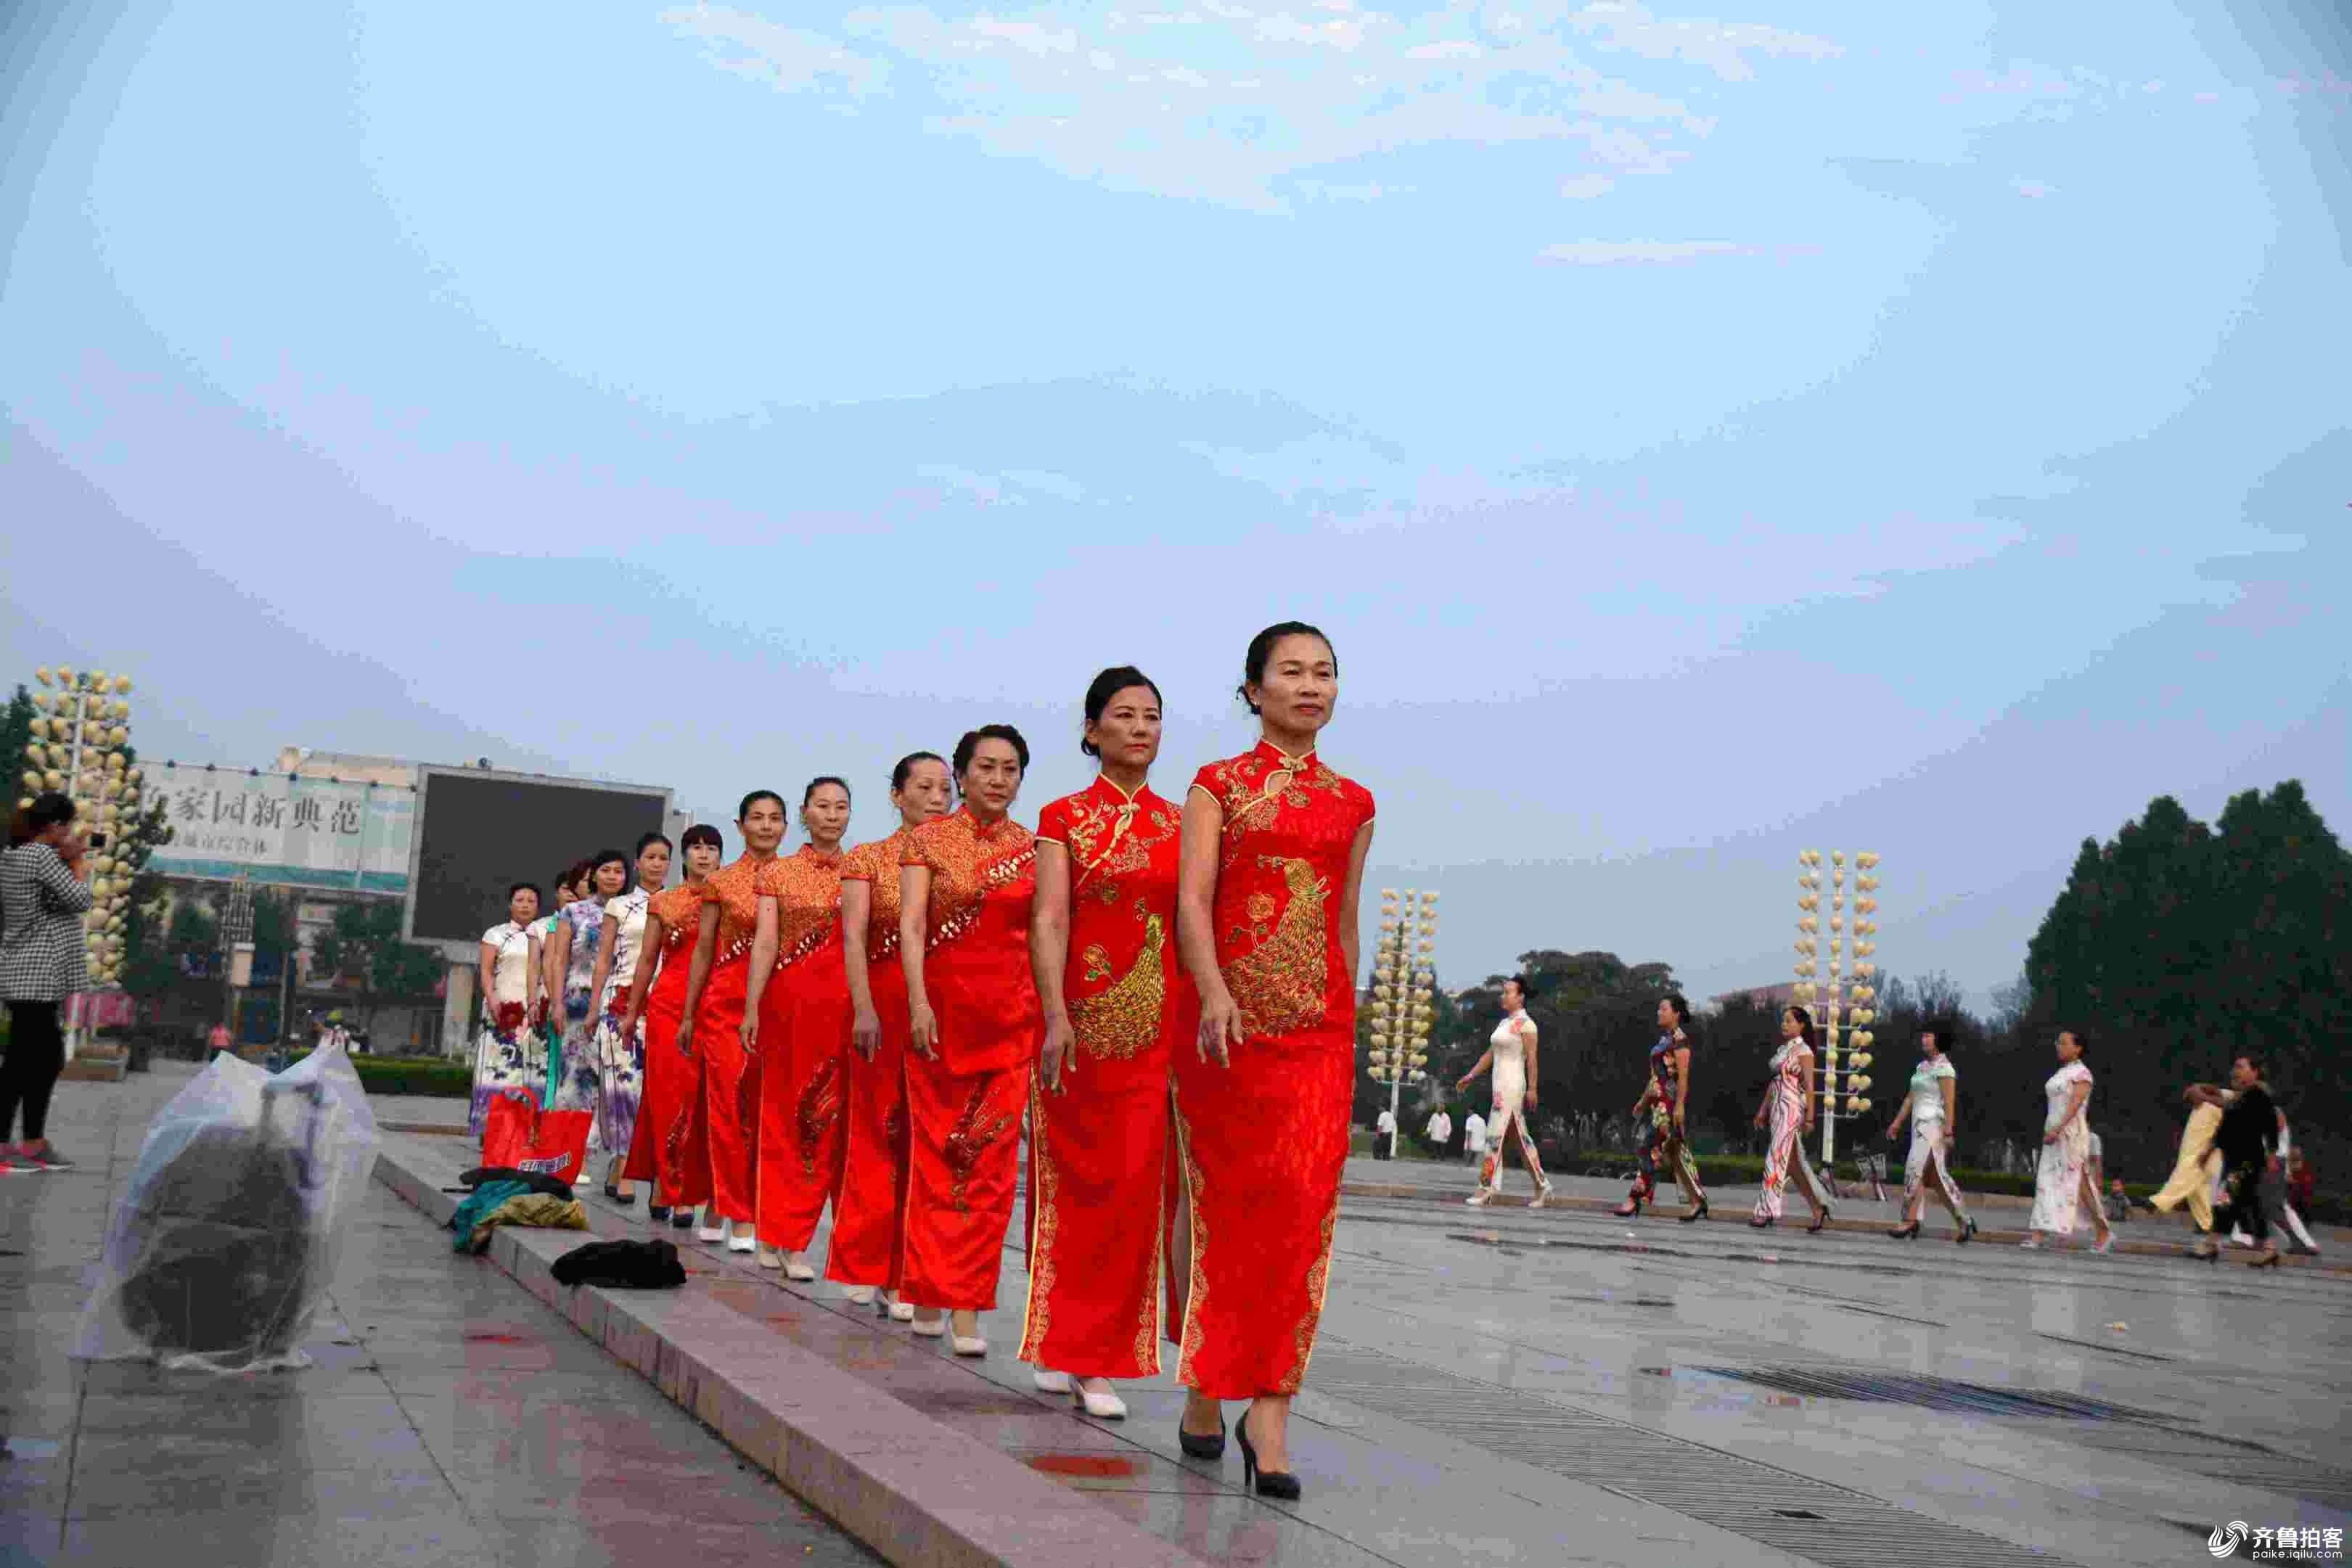 鄄城老年大学文化艺术团旗袍队在广场展风采